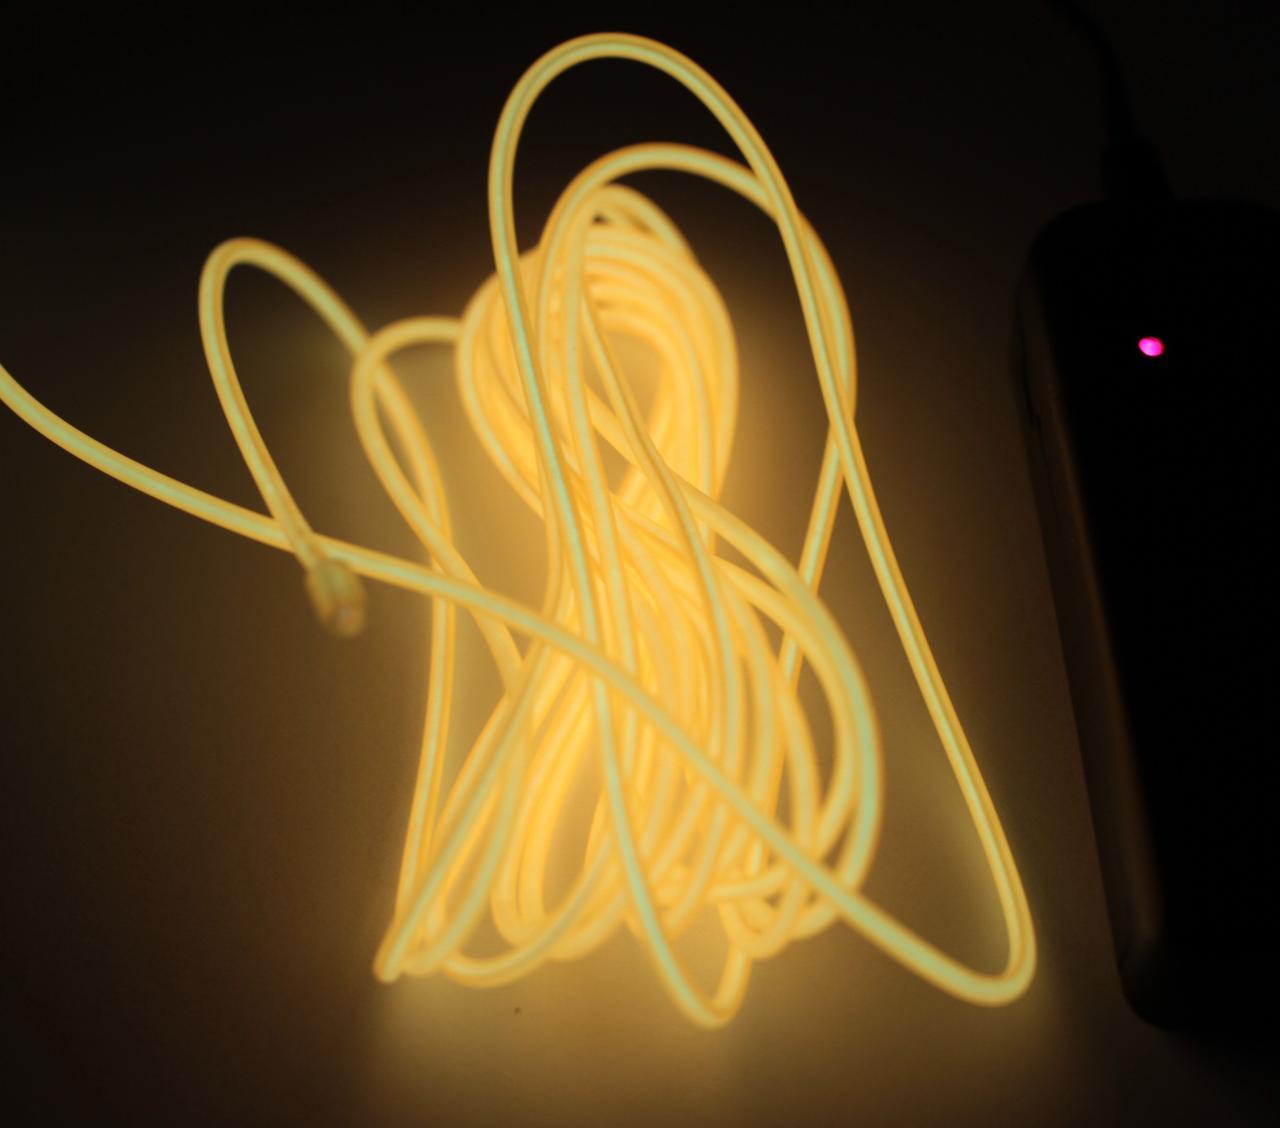 Холодный Неон Гибкая Неоновая Трубка Светящийся Шнур Светопровод 3м Комплект с Инвентором (Flex Neon Yellow)